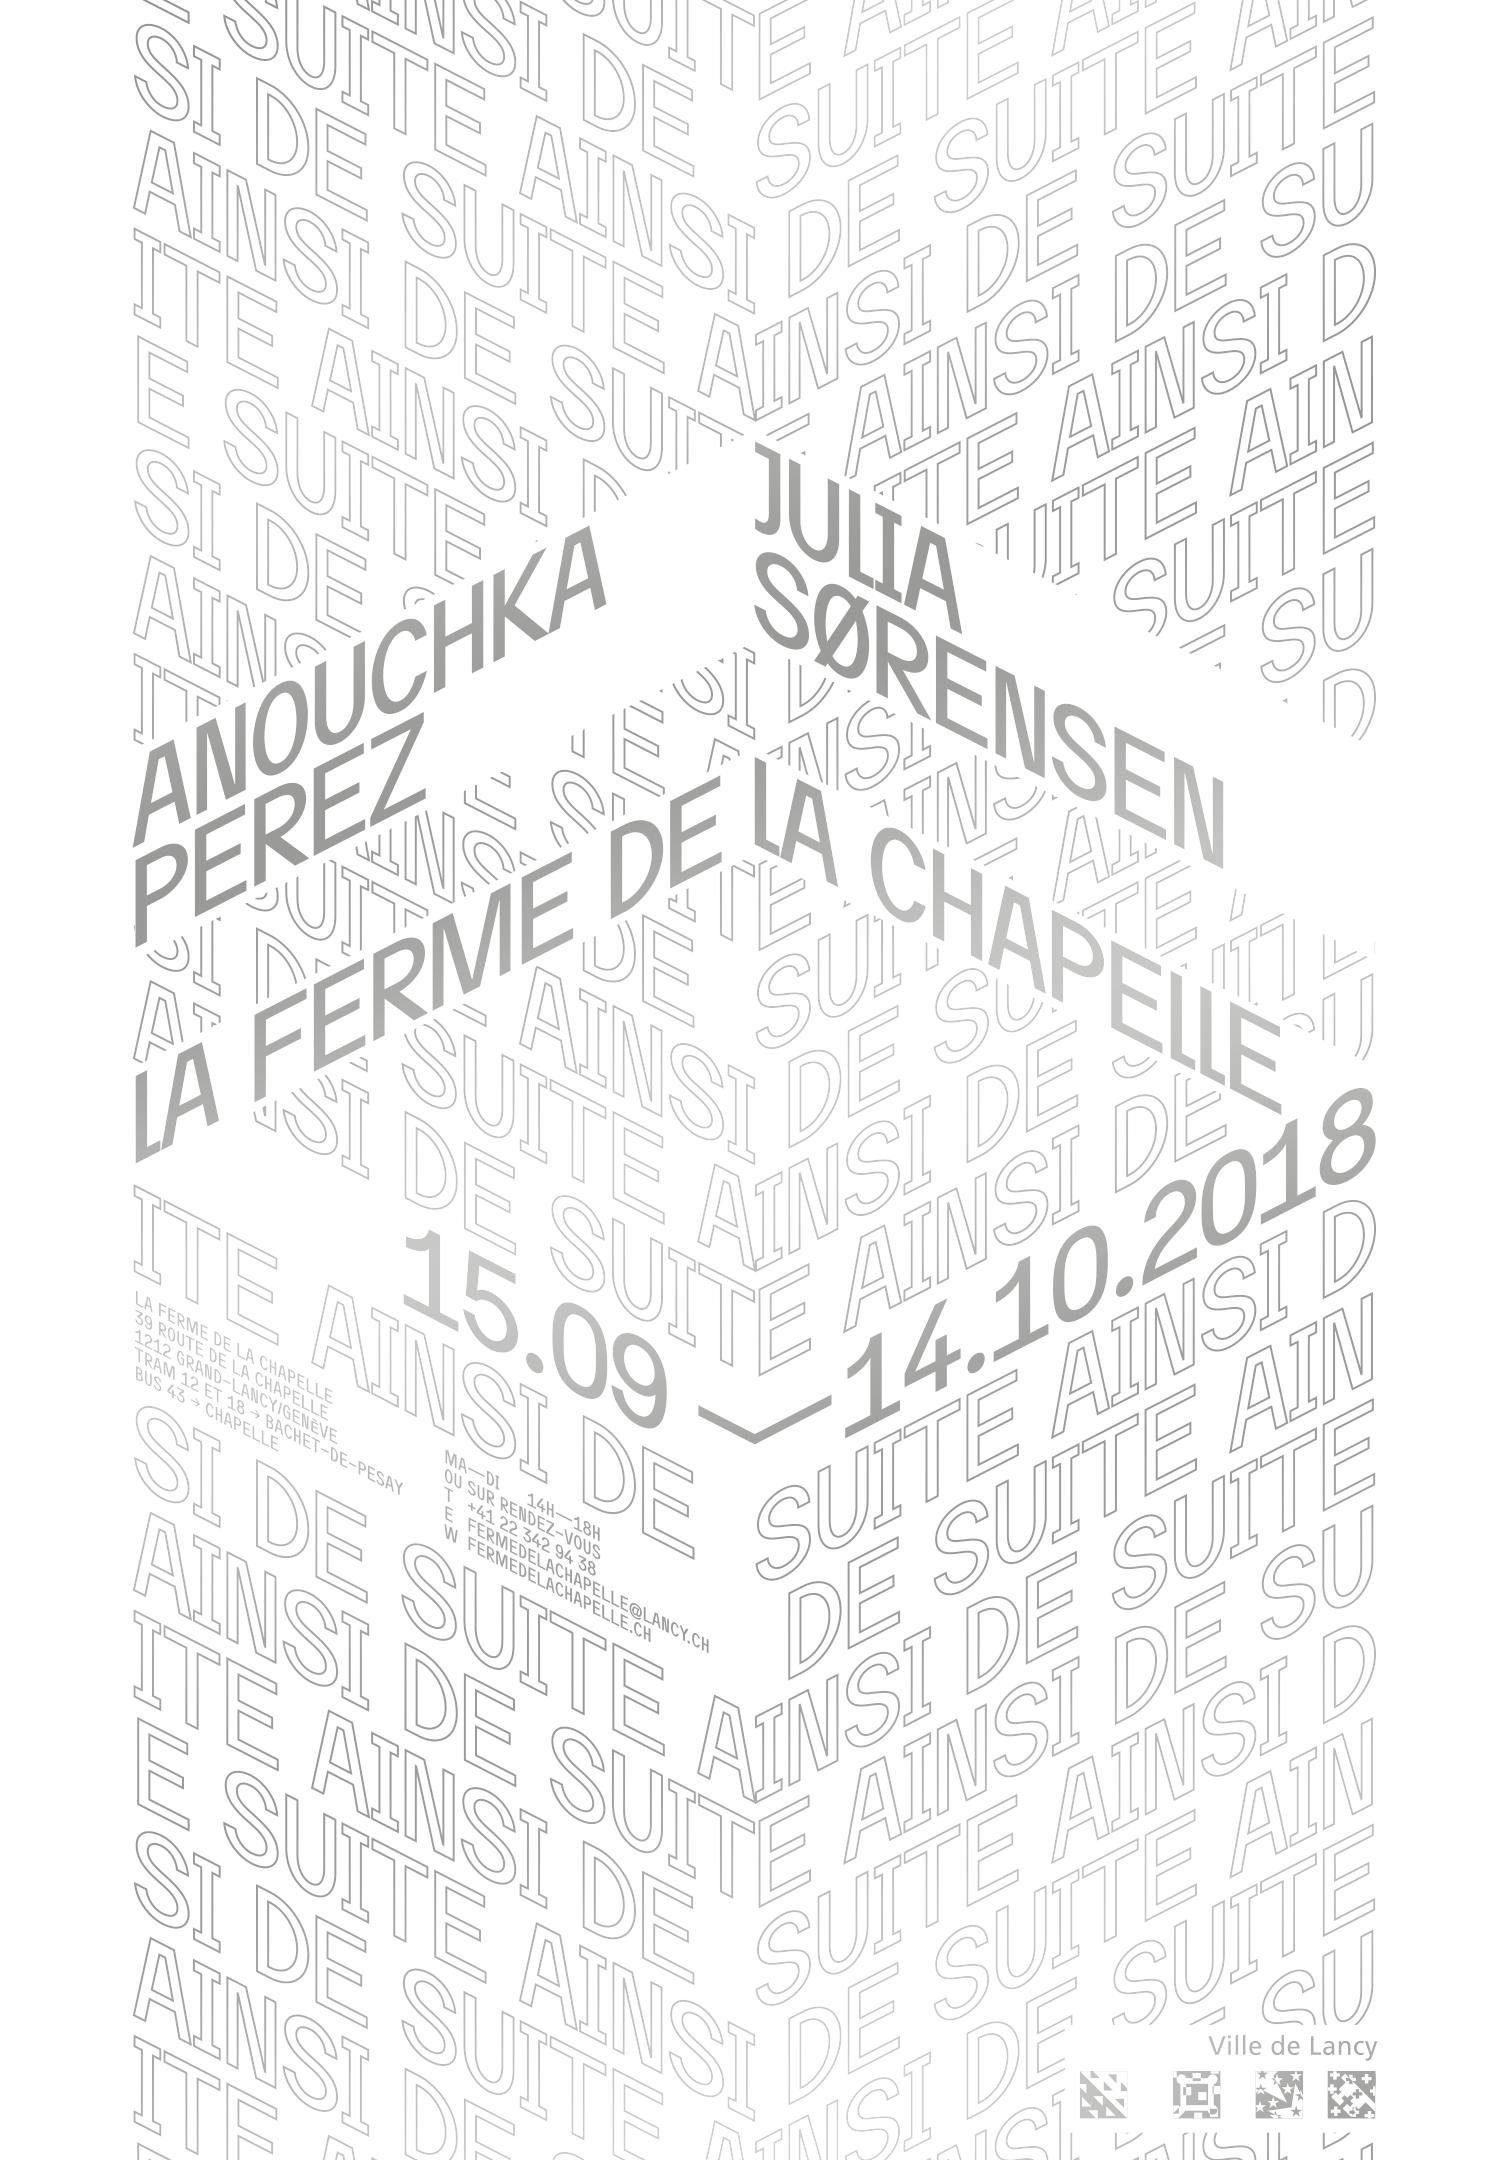 Affiche typographique pour une exposition de Anouchka Perez et Julia Sorensen